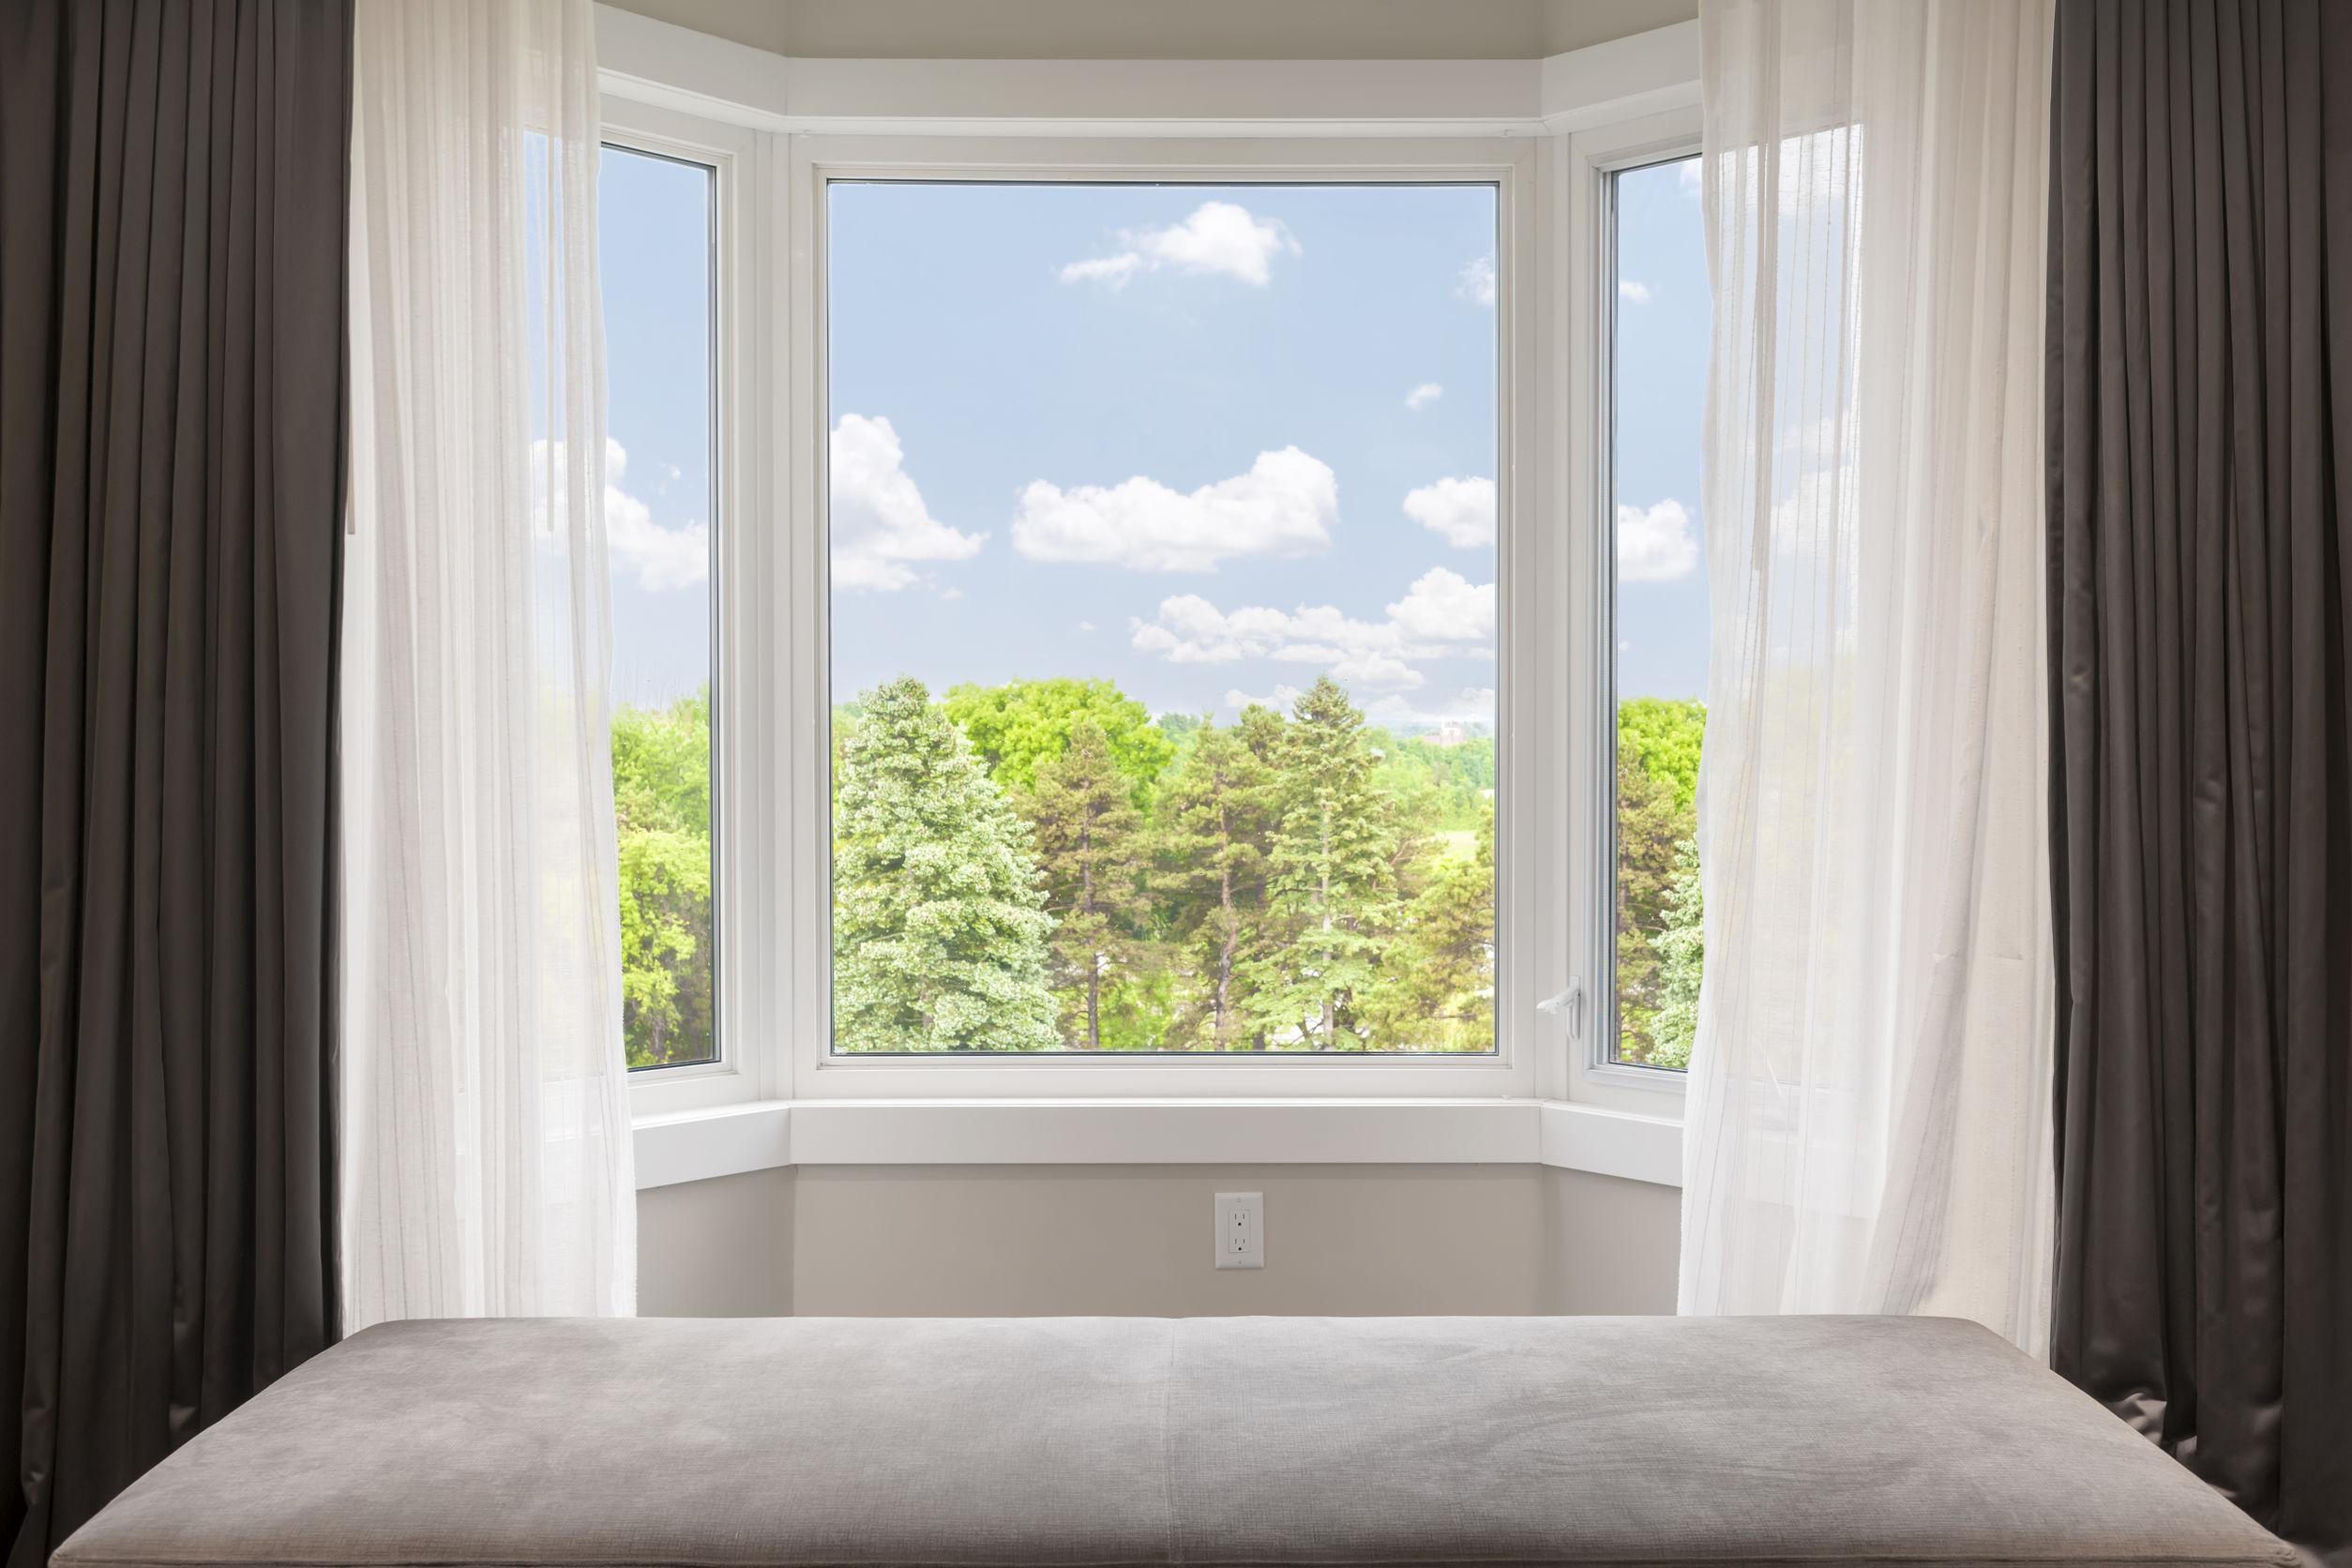 Limpieza cortinas